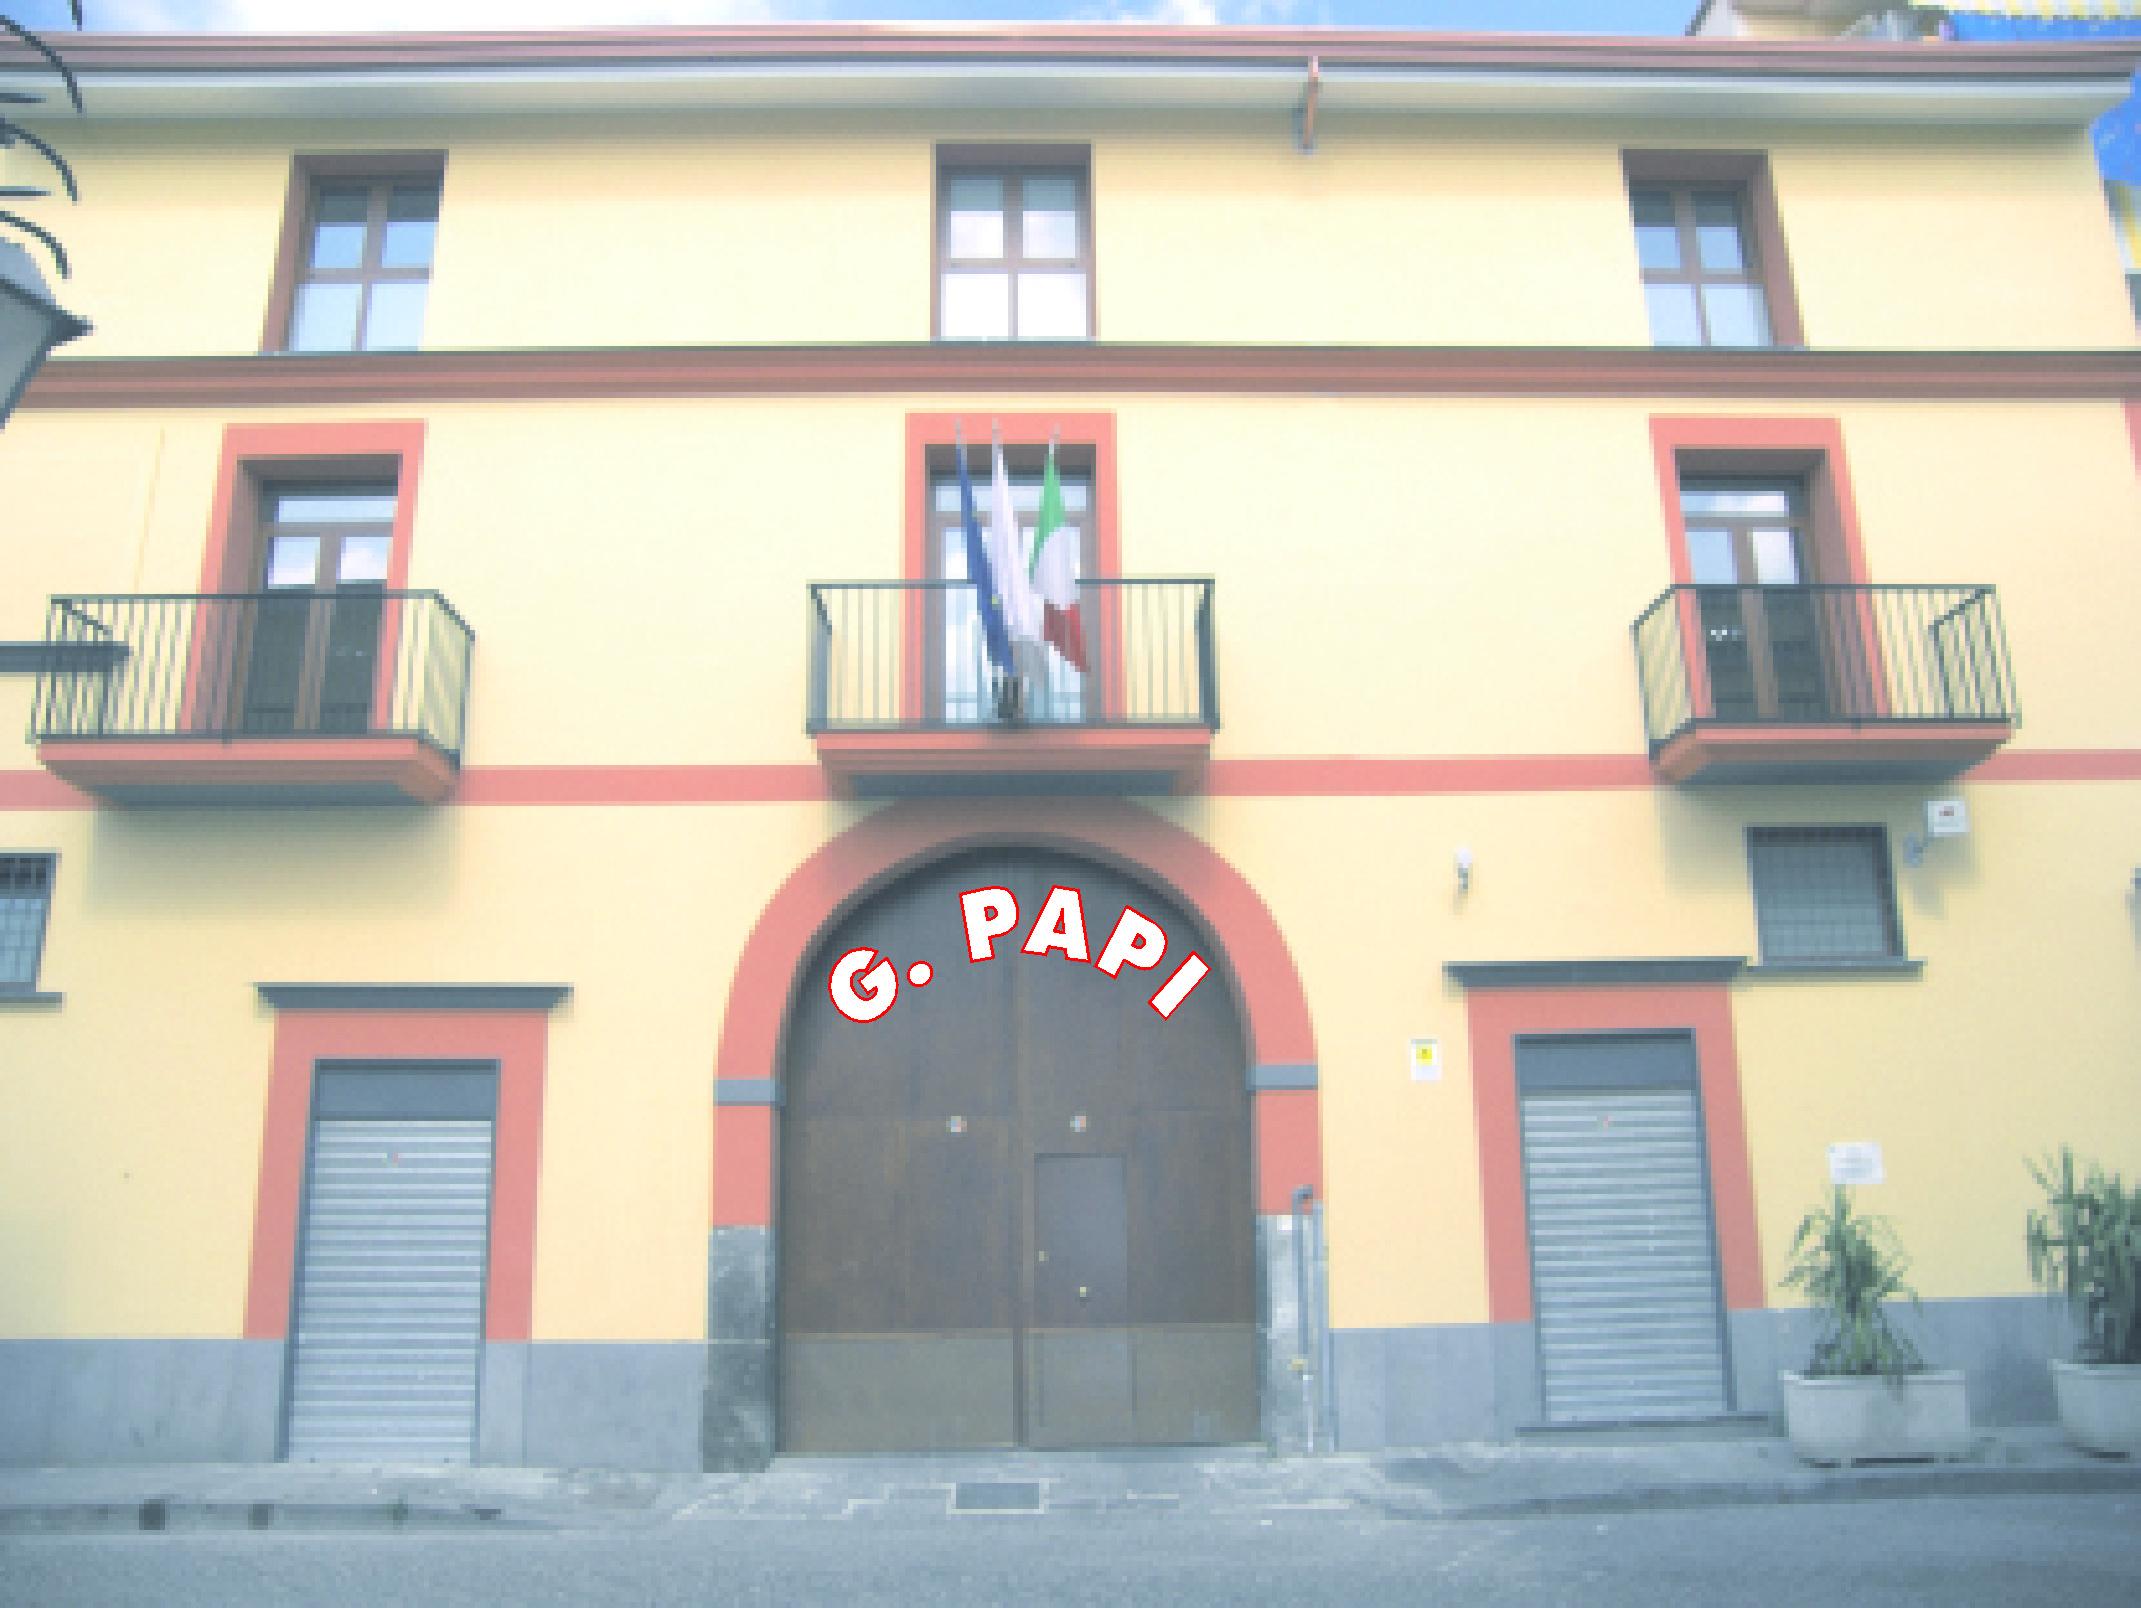 Istituto G.Papi di Pomigliano d'Arco: la scuola paritaria con una vastissima offerta formativa